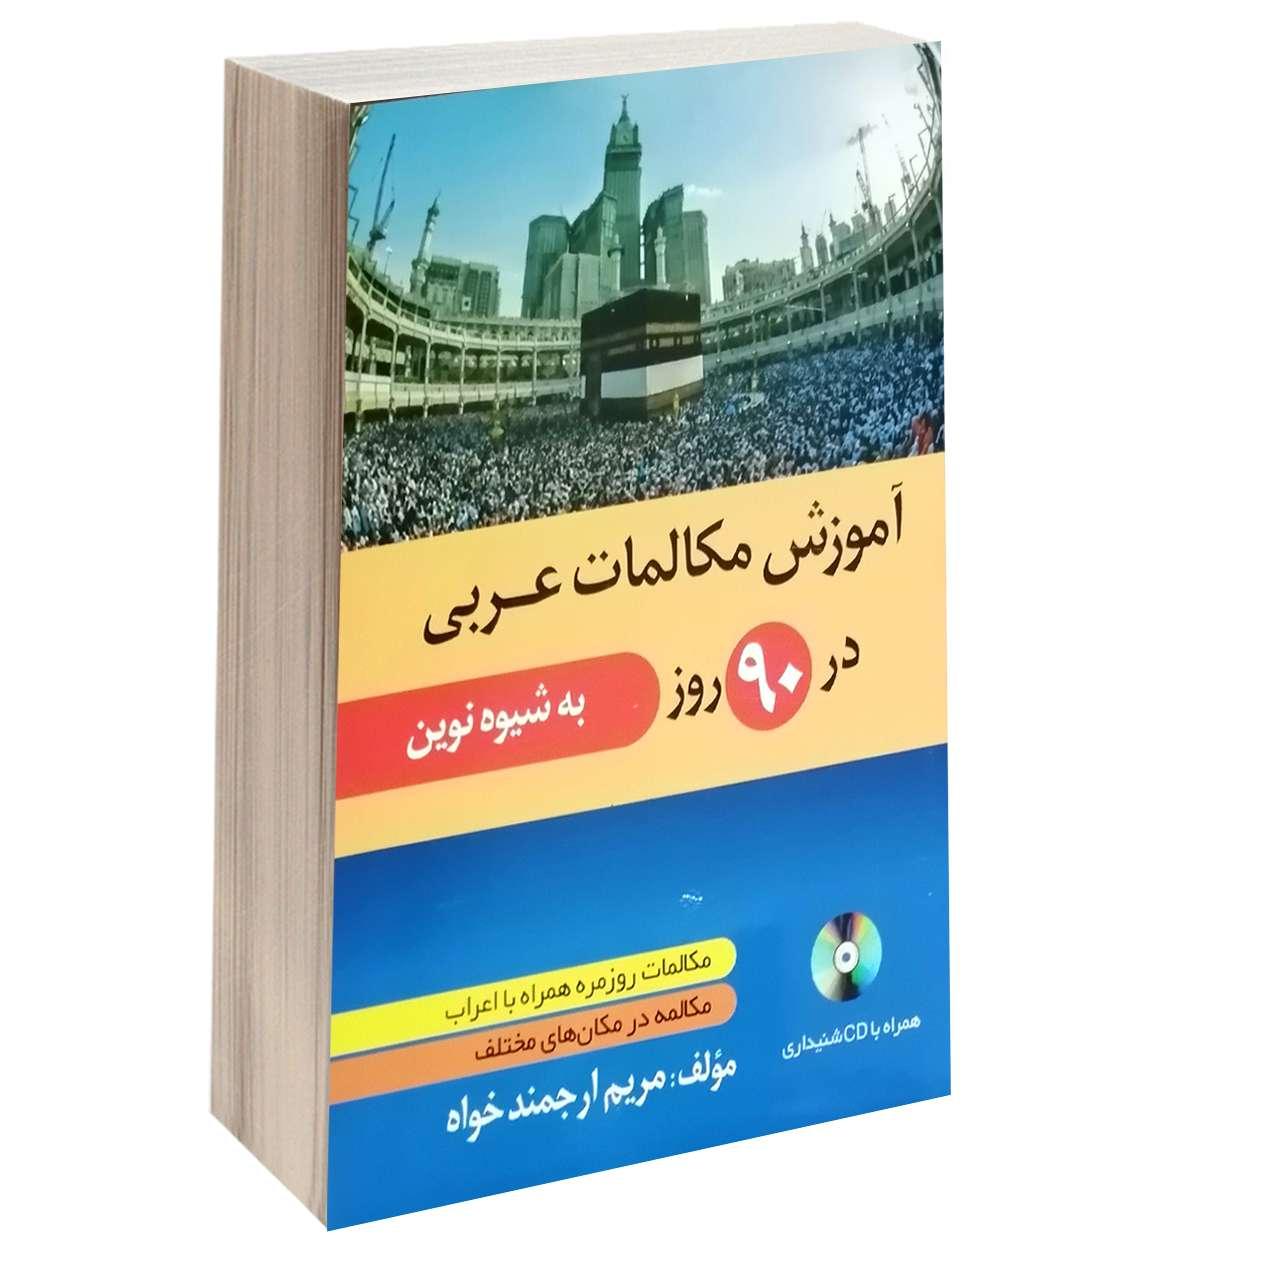 خرید                      کتاب آموزش مکالمات عربی در 90 روز به شیوه نوین اثر مریم ارجمندی خواه انتشارات دانشیار